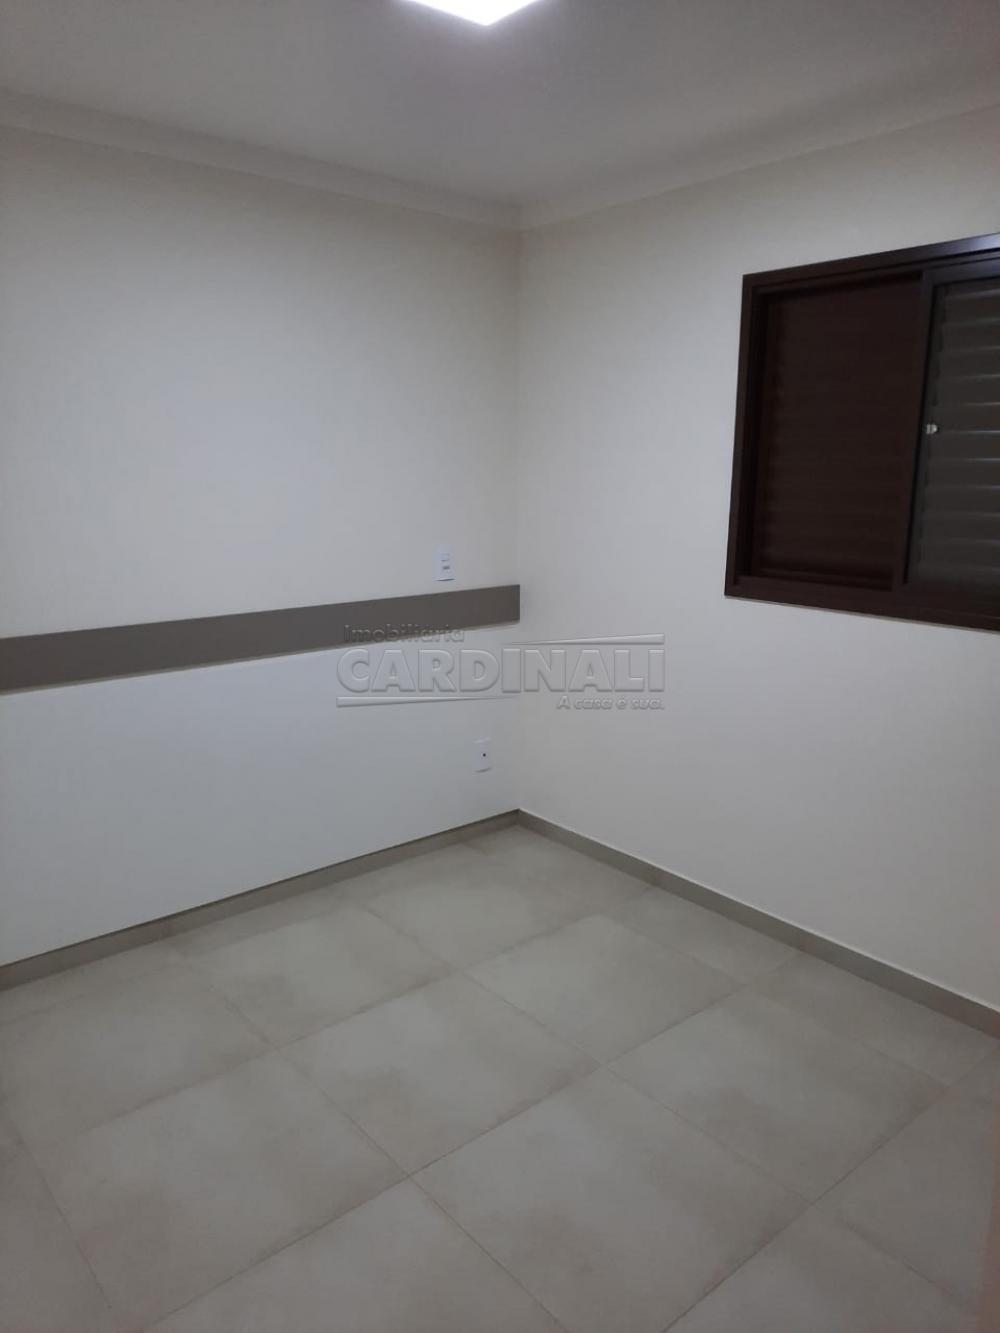 Alugar Apartamento / Padrão em São Carlos R$ 1.800,00 - Foto 29